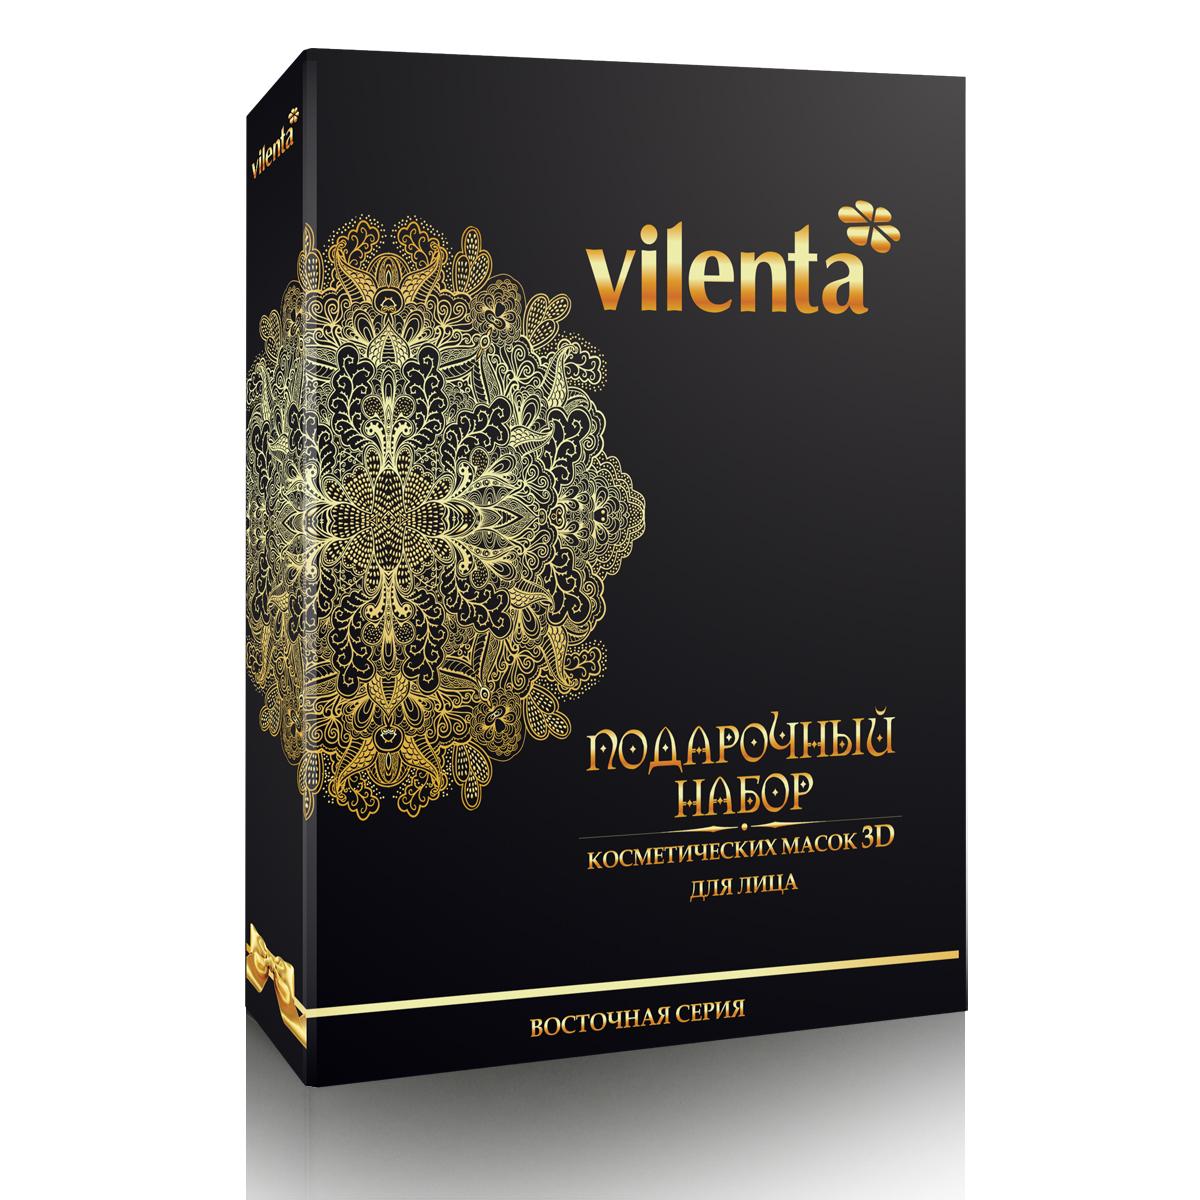 Vilenta Подарочный набор Восточная серия (5масок) Лицо+шея, 140 млFS-00897Набор с косметическими масками для лица - хит продаж!